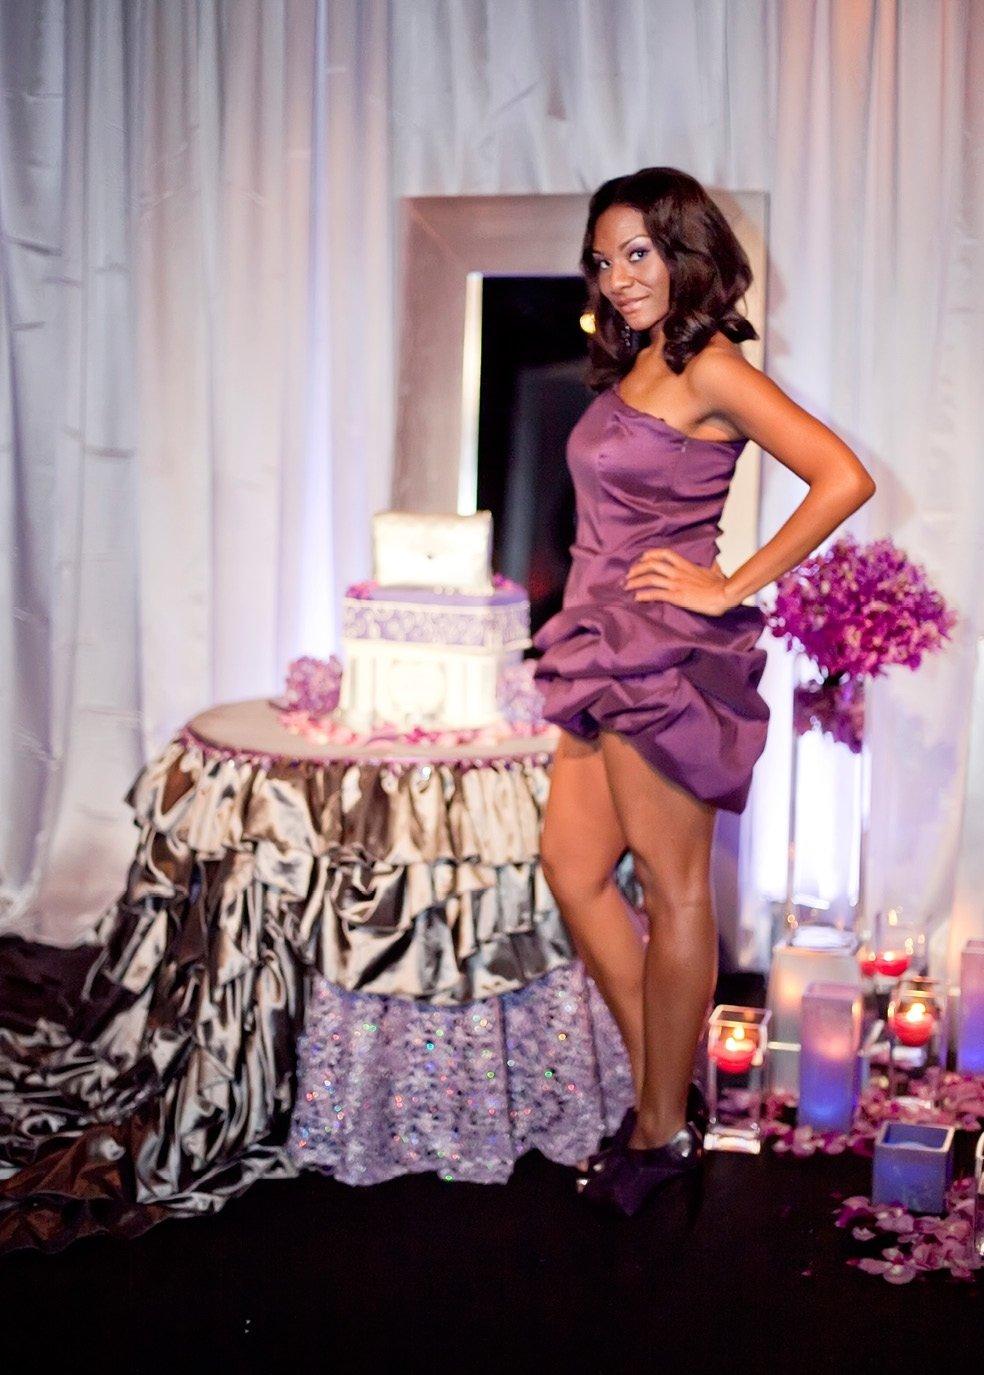 10 Lovely Birthday Celebration Ideas For Women natasha 30th birthday purple dress the celebration society 2020